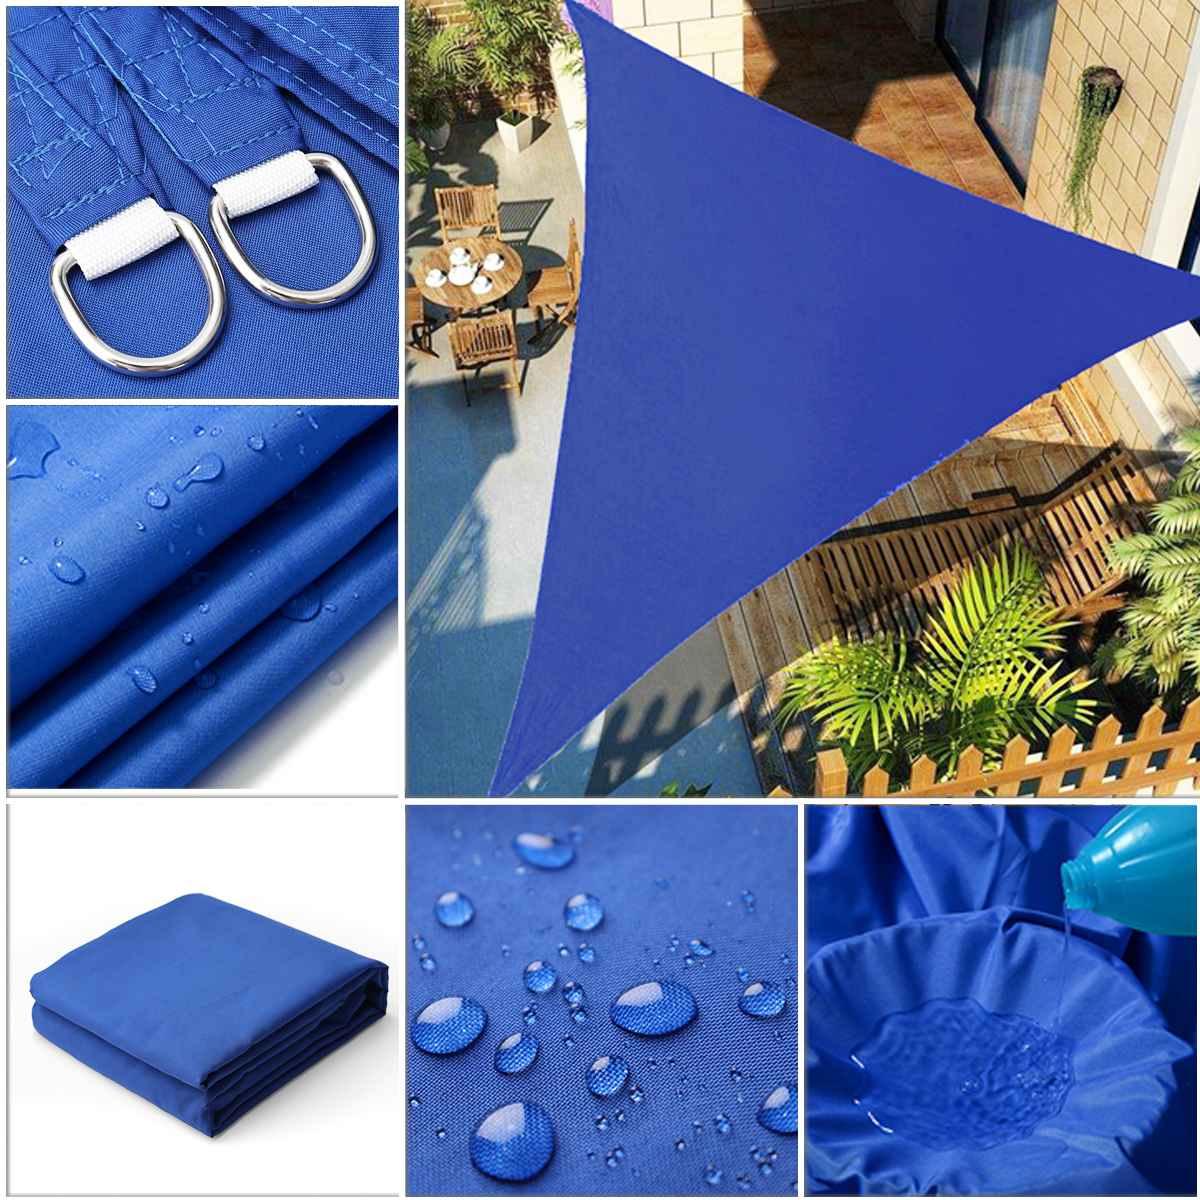 Sombra resistente al agua vela Anti-UV parasol red al aire libre jardín protector solar cortina bloqueadora solar tela red planta invernadero cubierta de coche